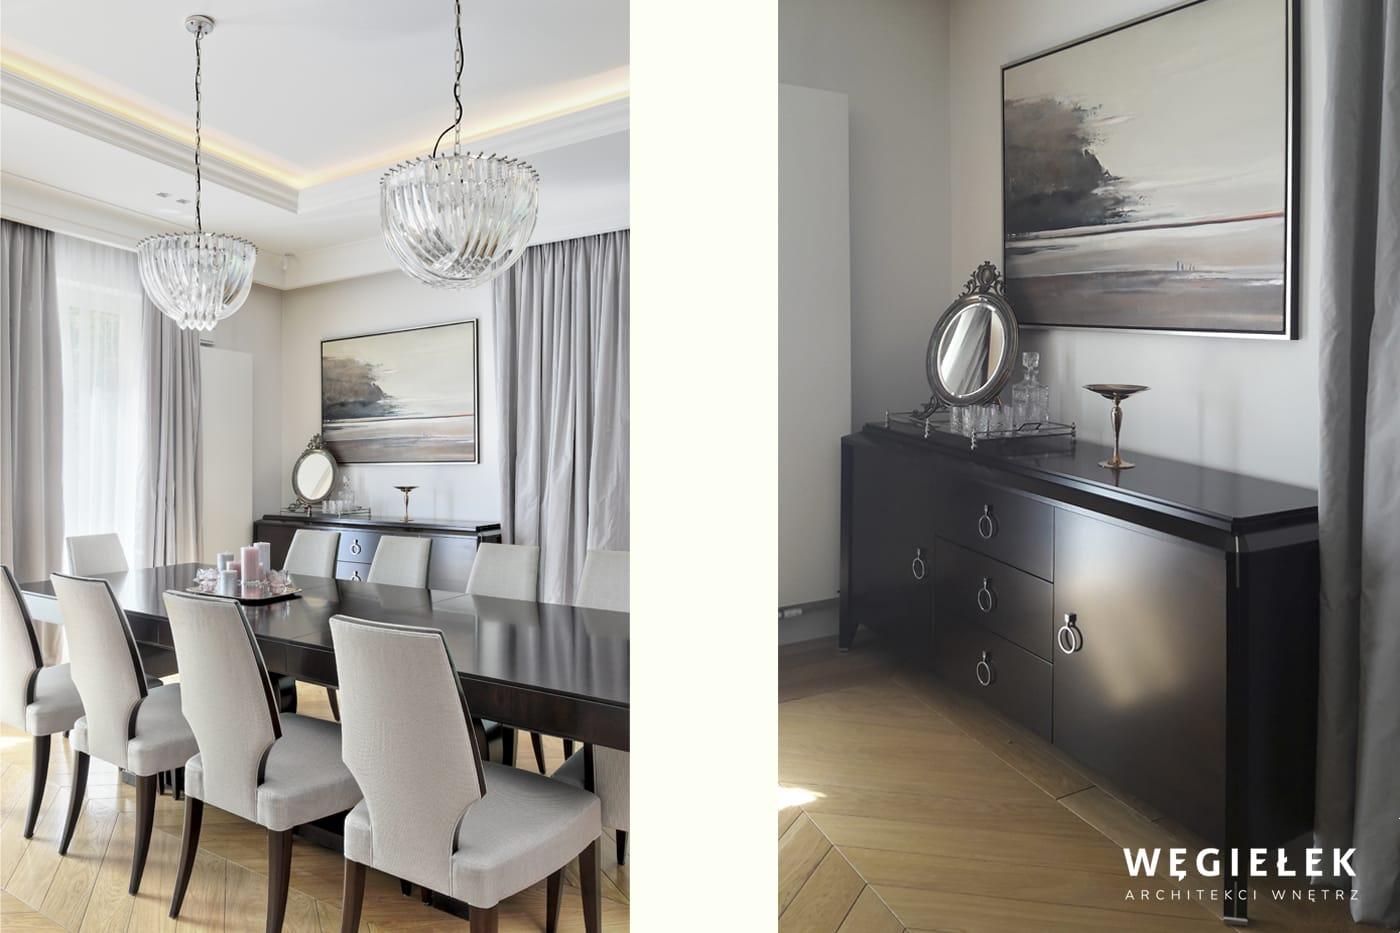 Salon to miejsce, w którym przyjmujemy gości. Architekci zadbali o jego reprezentacyjny charakter poprzez klasyczne meble, stonowane barwy i eleganckie dodatki.